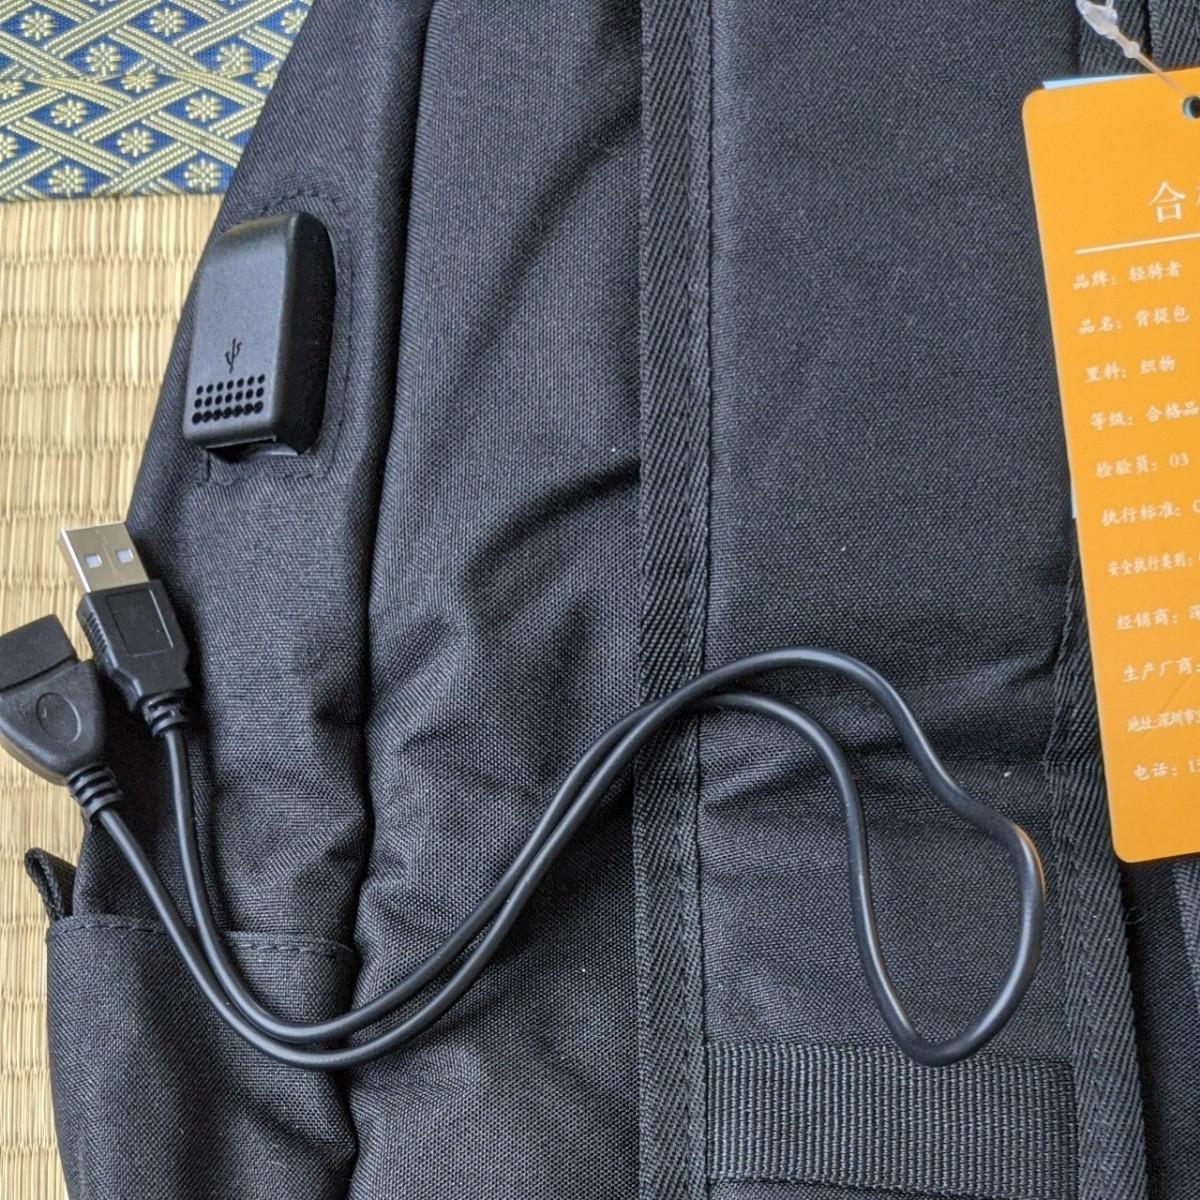 ビジネスバッグ 通学 リュック 防水 メンズ 大容量 バックパック 撥水 男子 レディース兼用 大容量 多機能 USB